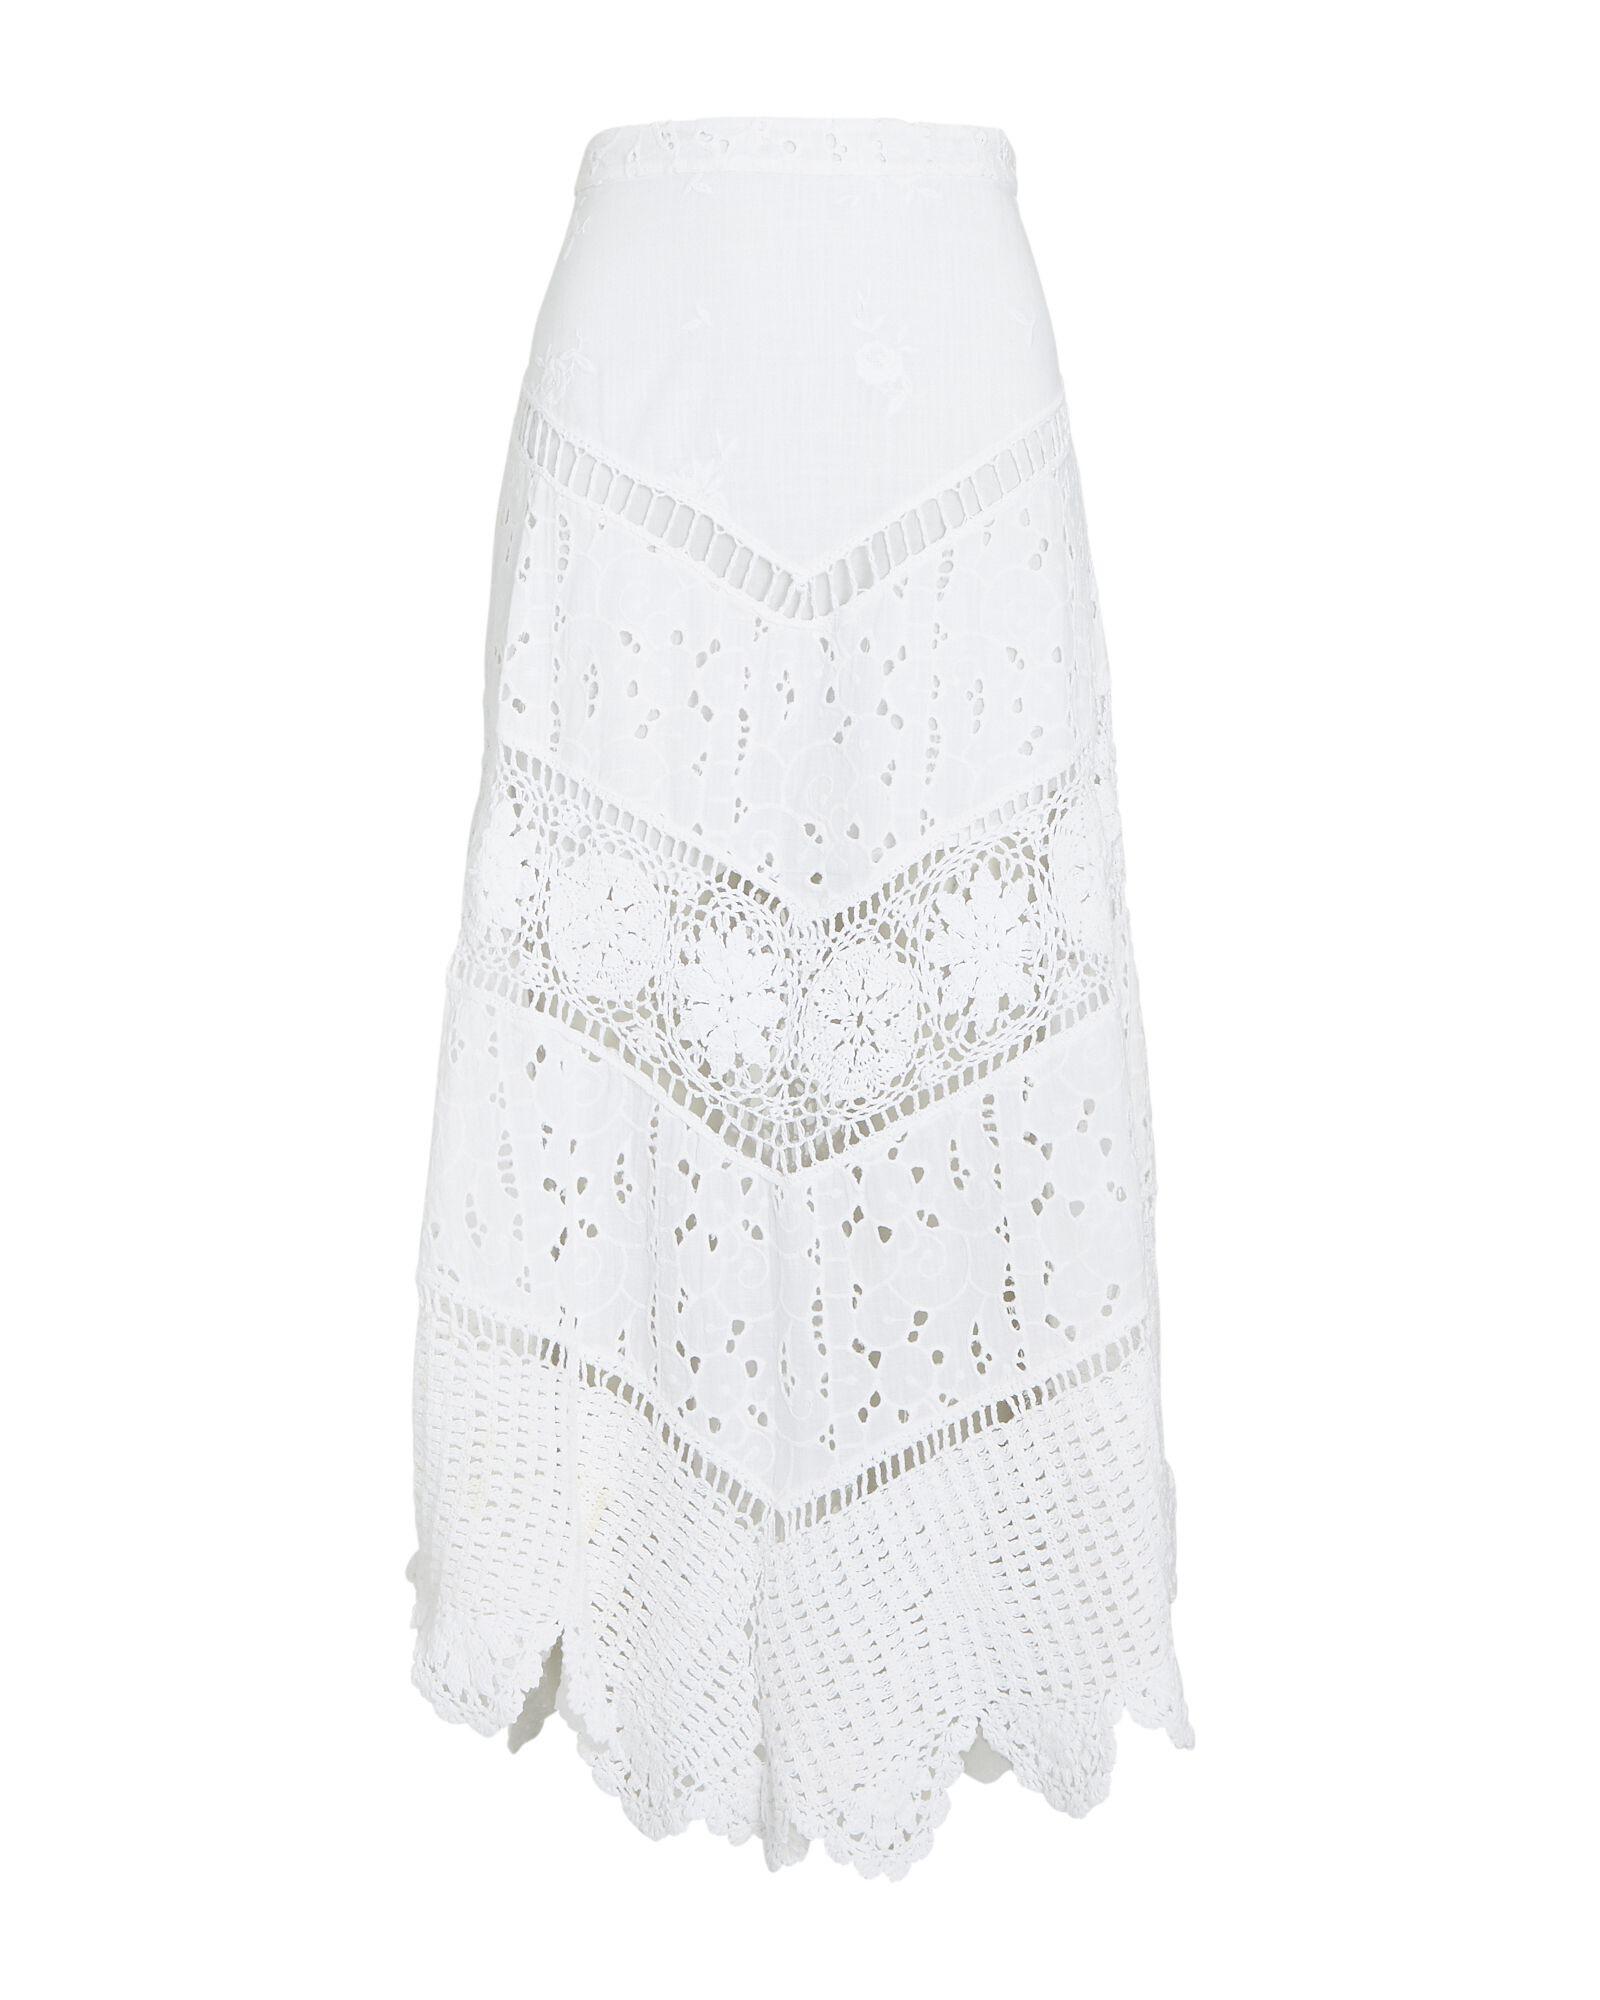 LOVESHACKFANCY Garcelle Cotton Eyelet Midi Skirt $445